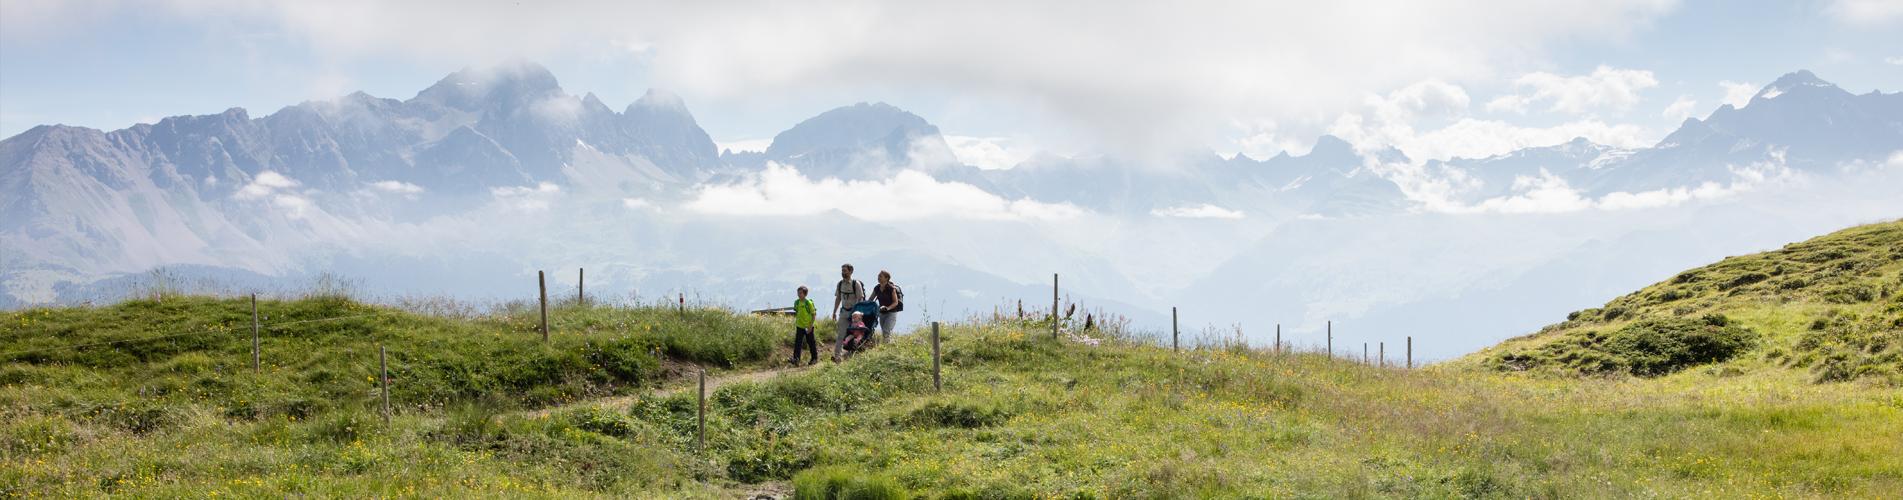 Auf Familienwanderungen die Schweiz entdecken. Wandern mit Kindern macht Spass. Unterwegs laden viele Feuerstellen ein oder zum Beispiel auch baden in Bergseen. Auch Themenwege / Themenpfade sind immer ein interessantes und lehrreiches Erlebnis.